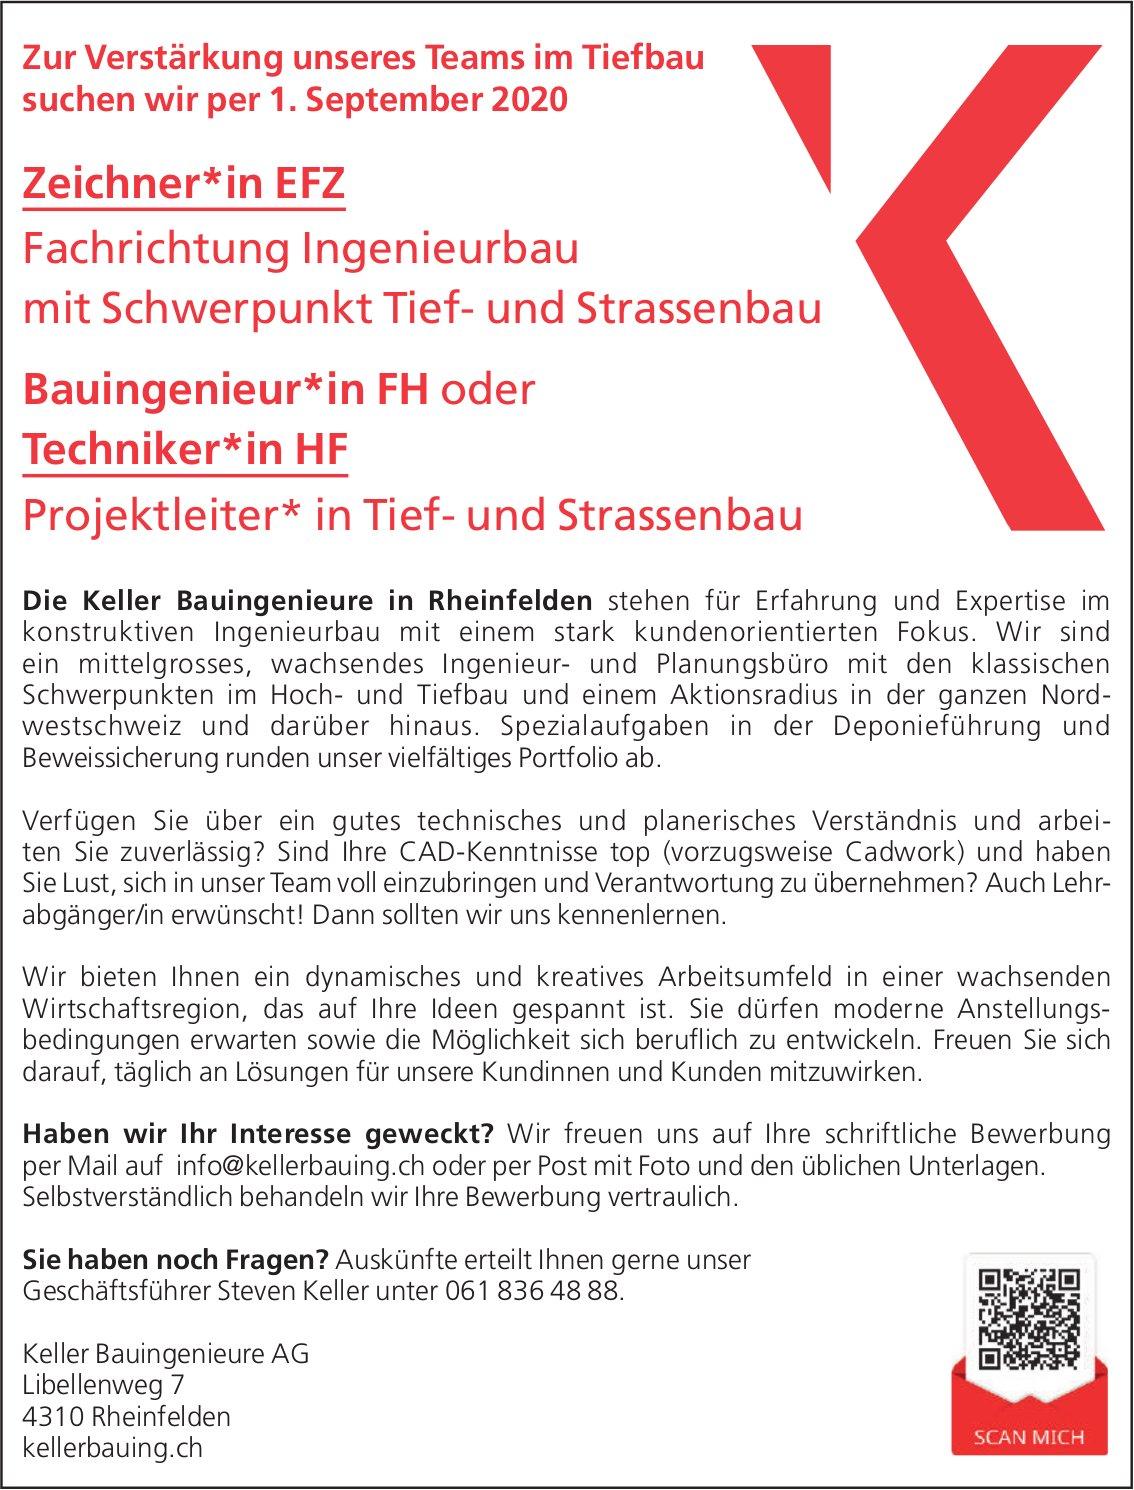 Zeichner*in EFZ + Bauingenieur*in FH oder Techniker*in HF, Keller Bauingenieure AG, gesucht